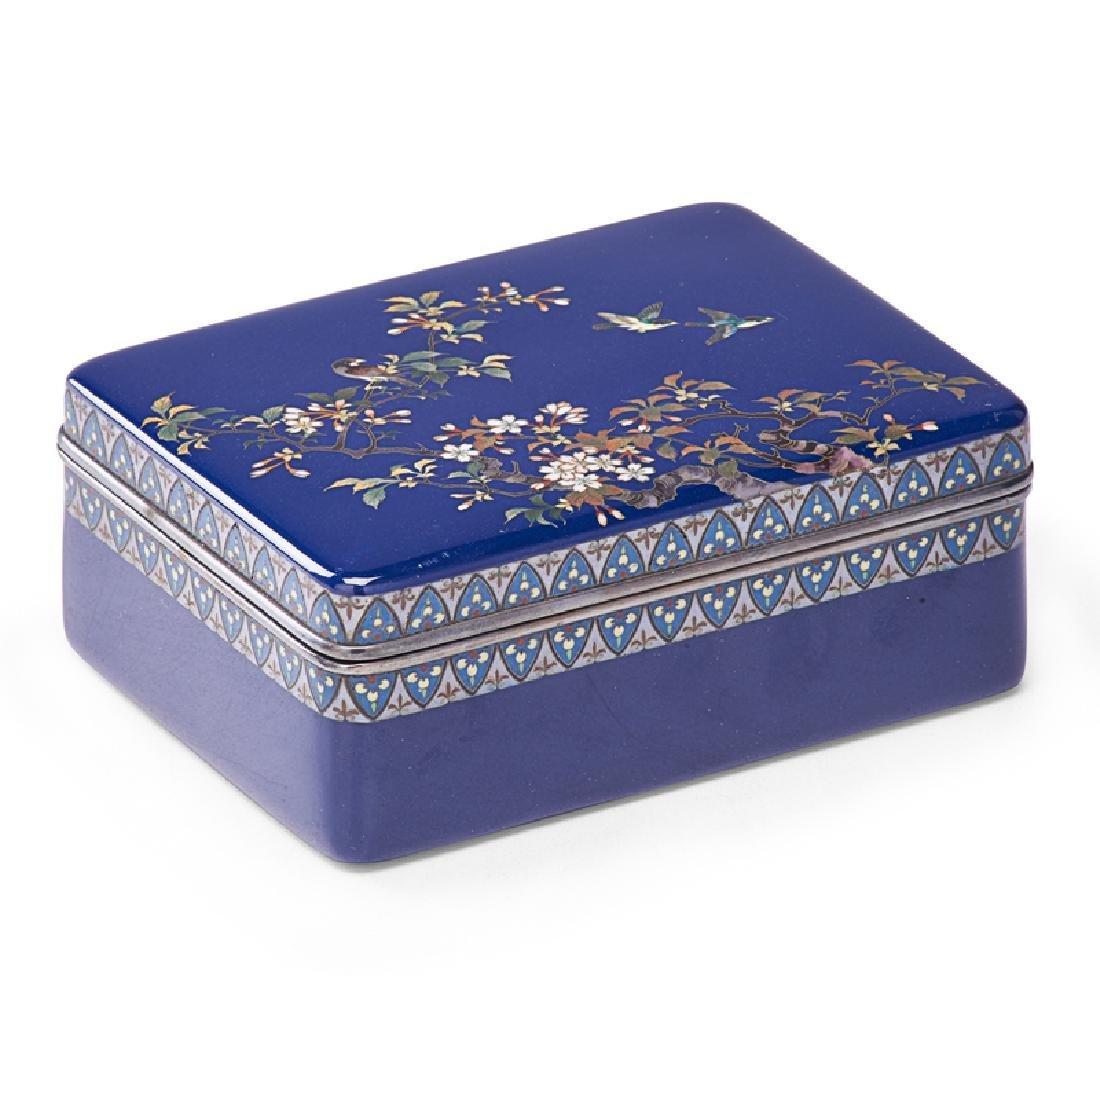 HAYASHI KODENJI CLOISONNE BOX